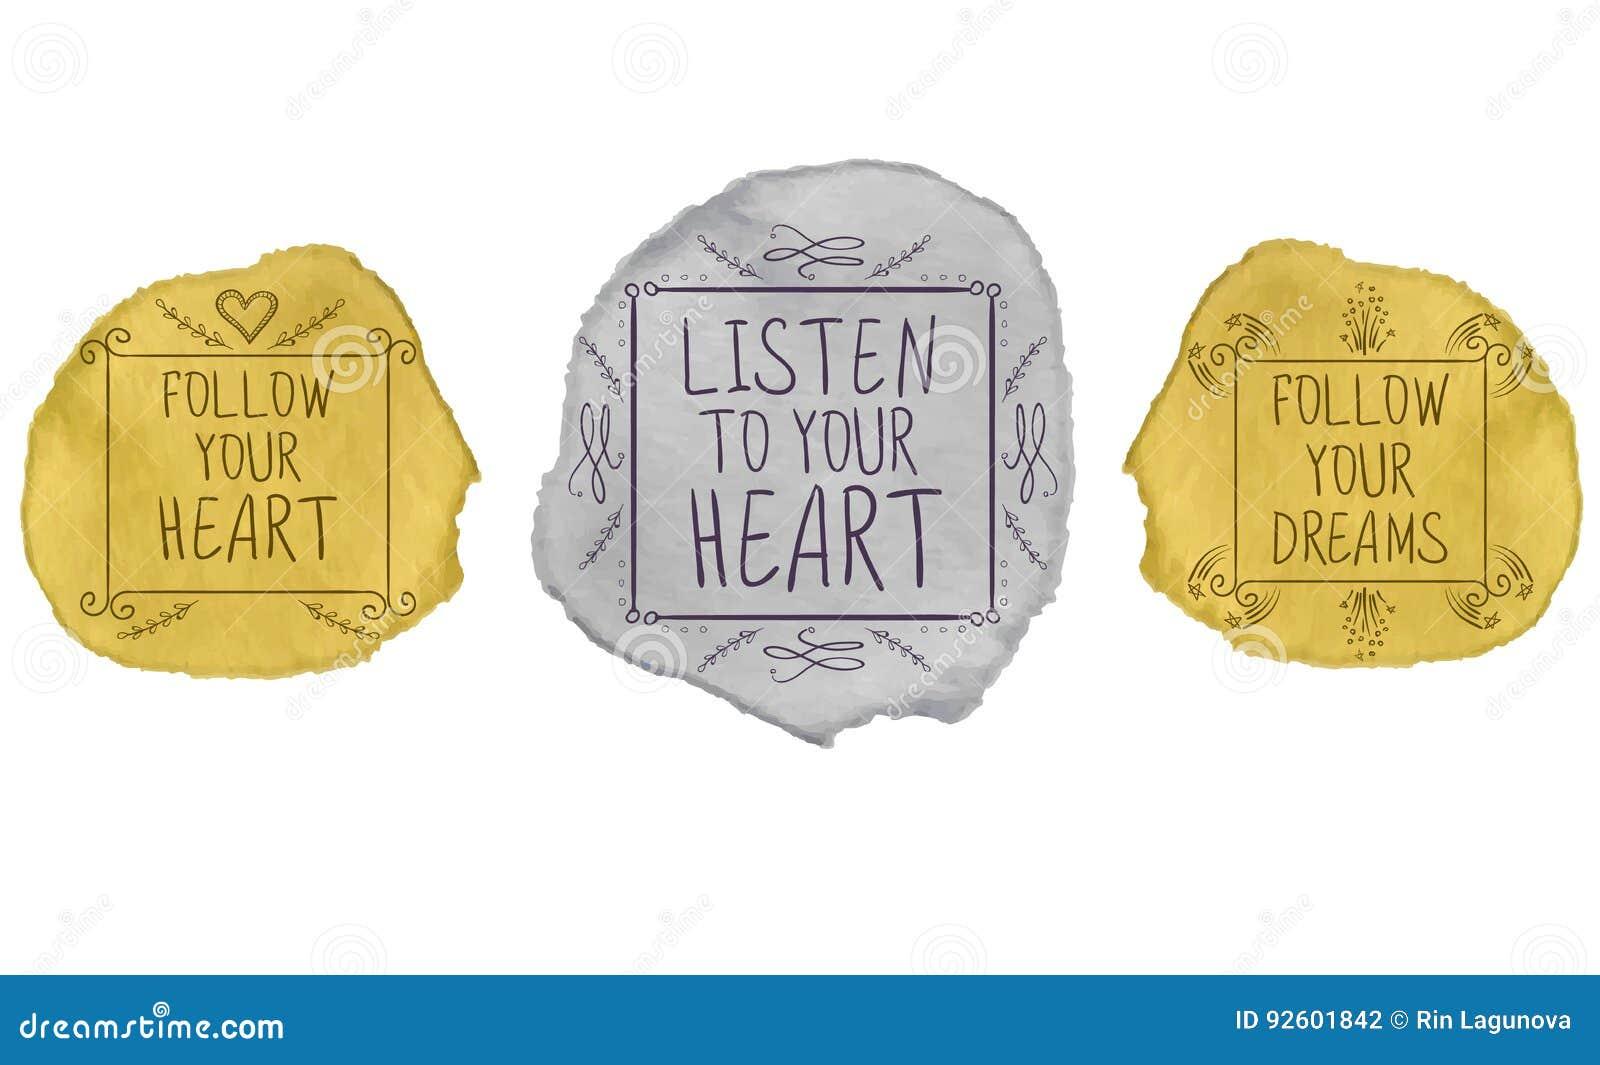 Handgeschriebener Text auf Farbenanschlag Karikatur polar mit Herzen Golden und